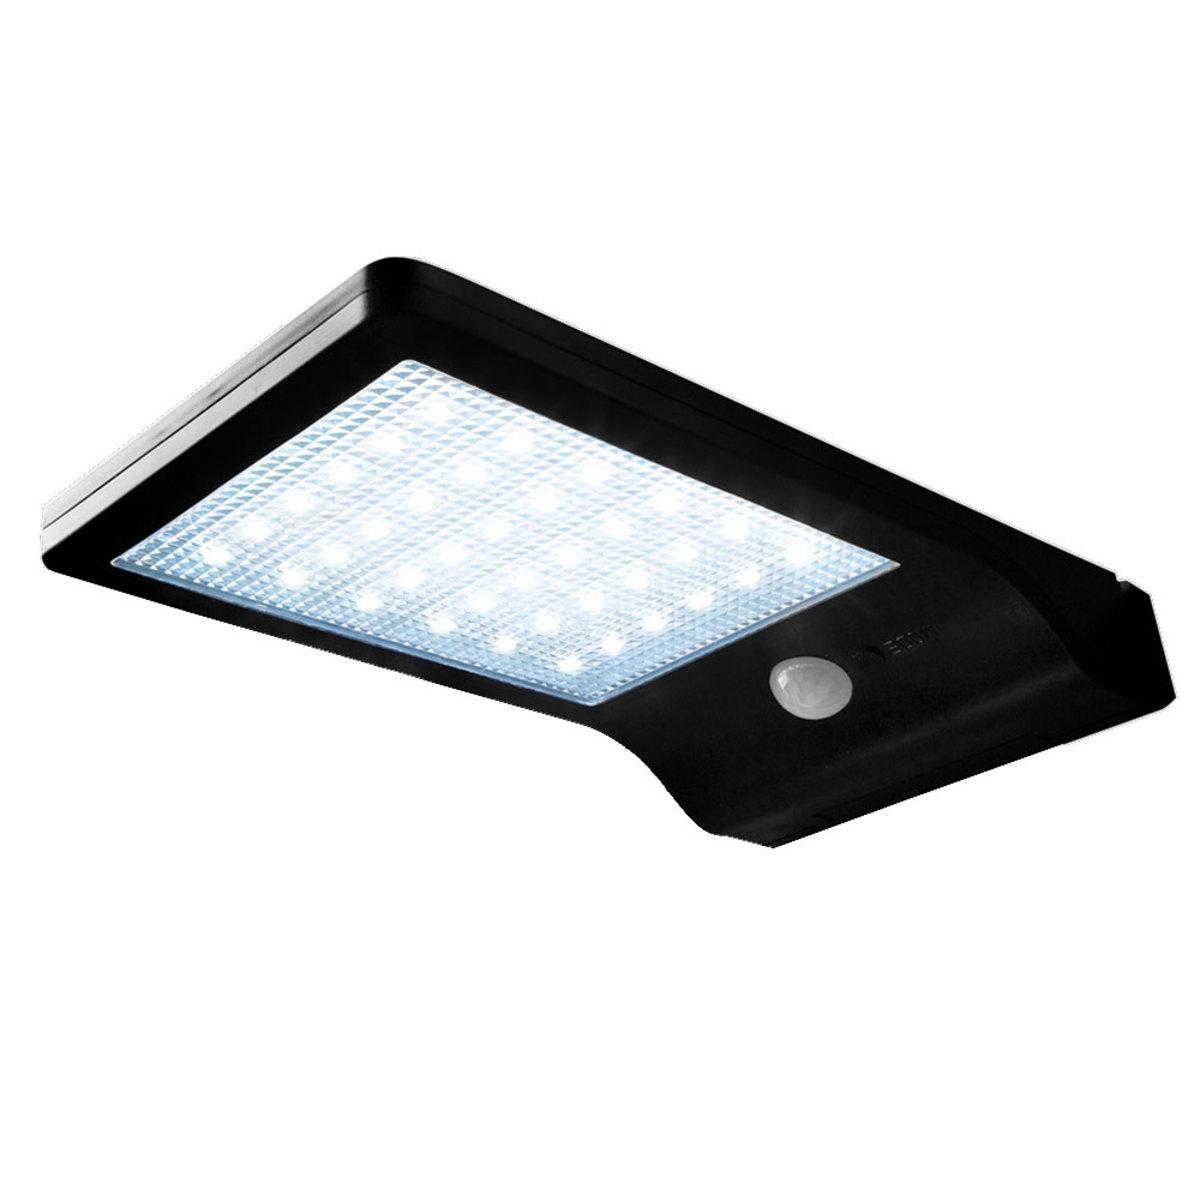 Bild 1 von Müller Licht LED-Solar-Wandleuchte